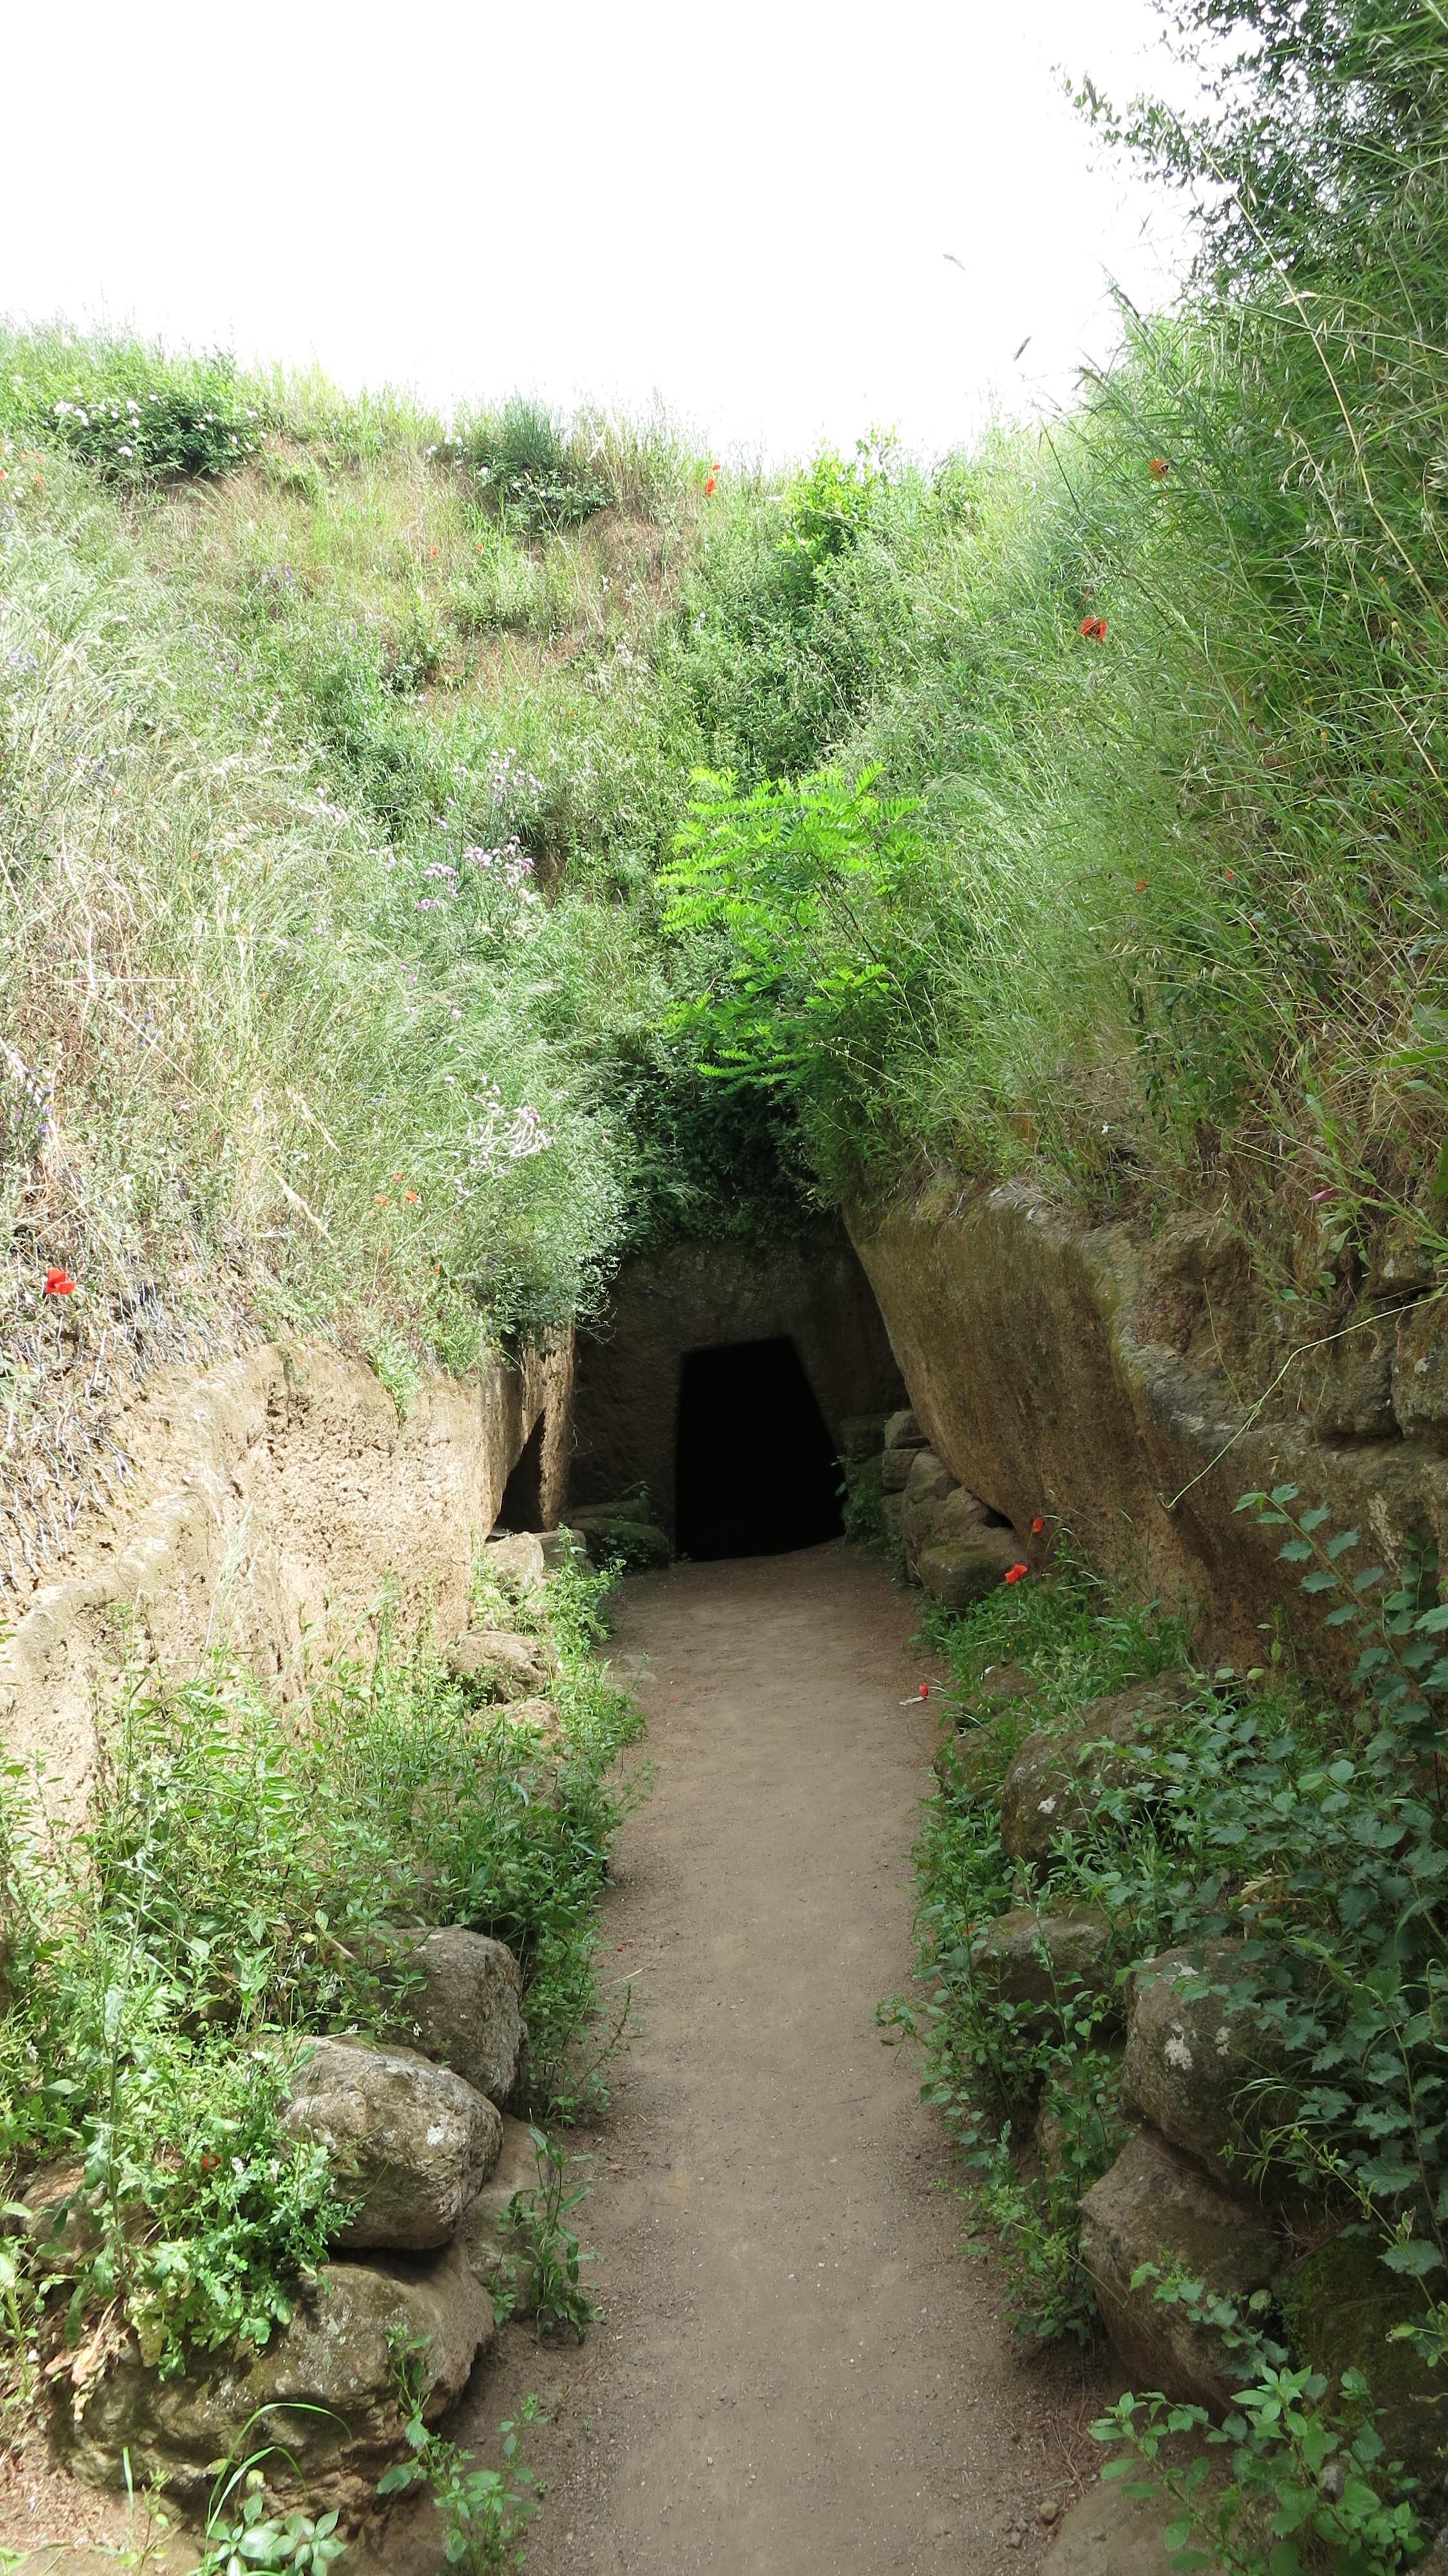 /posts/06-06-19/banditaccia-tomb-entrance.JPG